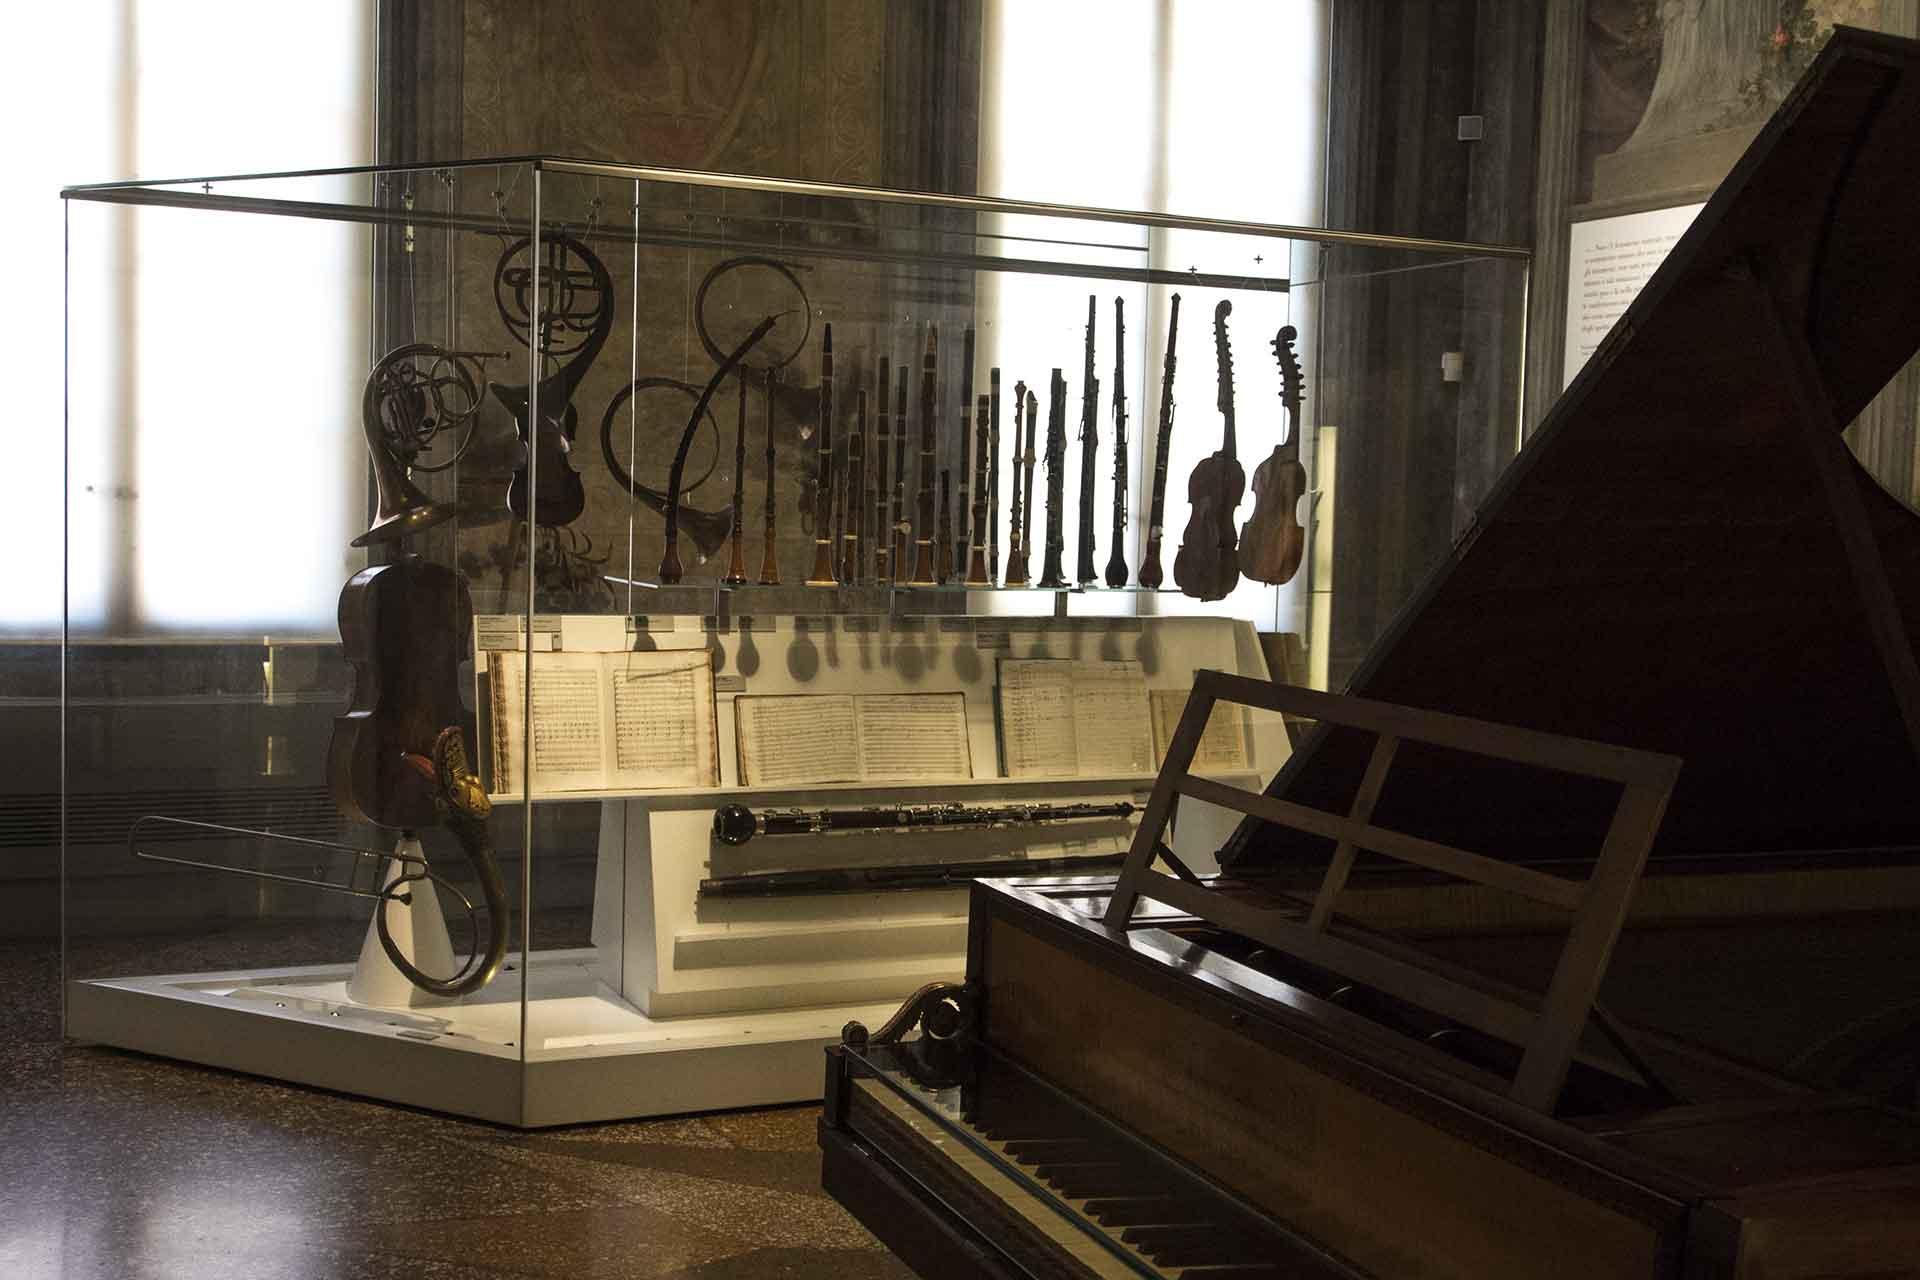 bologna: museo della musica